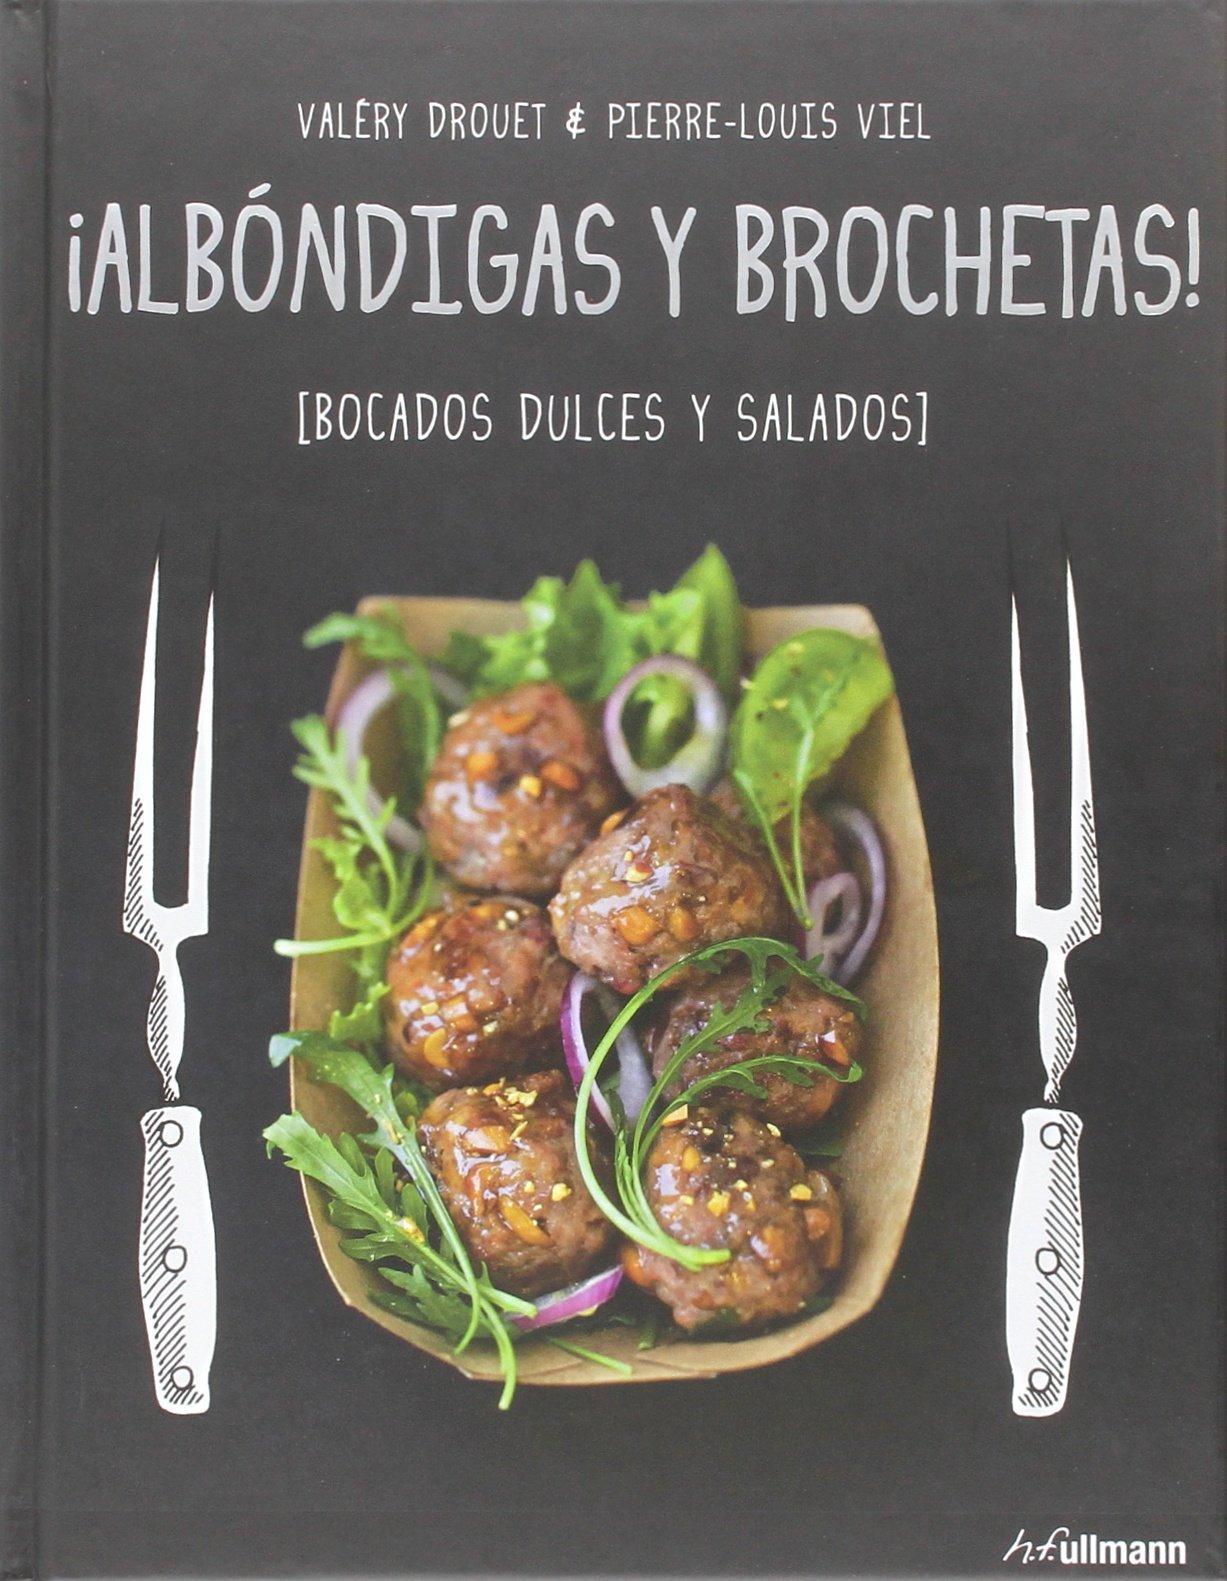 ¡Albóndigas Y Brochetas!: Amazon.es: Valéry Drouet; Pierre-Louis Viel: Libros